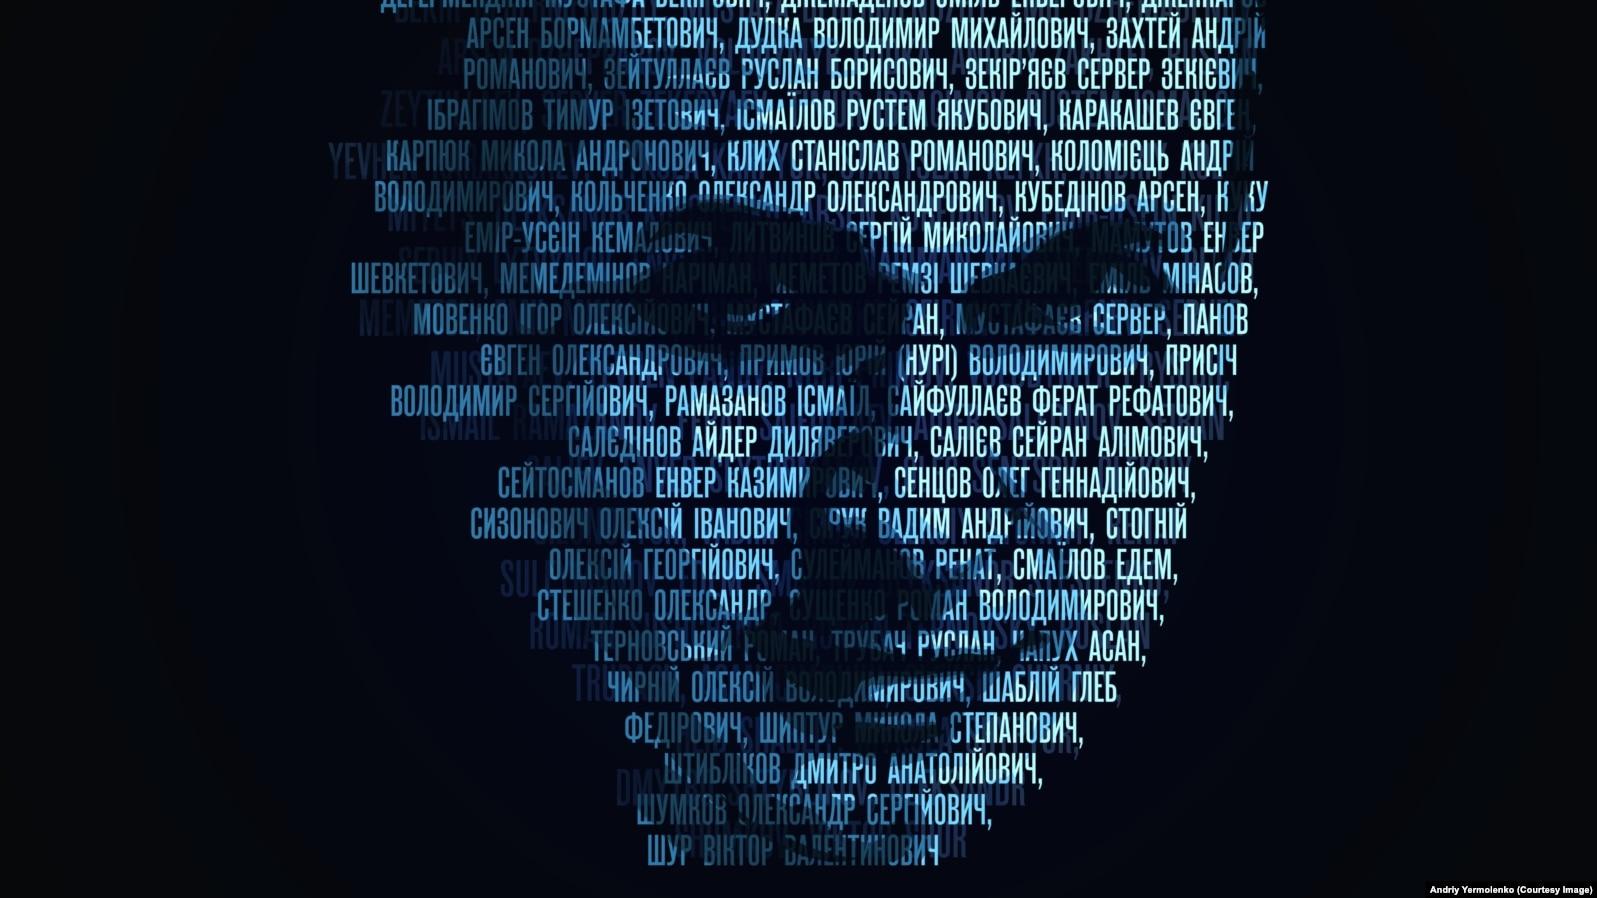 Чешские кинематографисты 21 августа начинают акцию в поддержку Сенцова